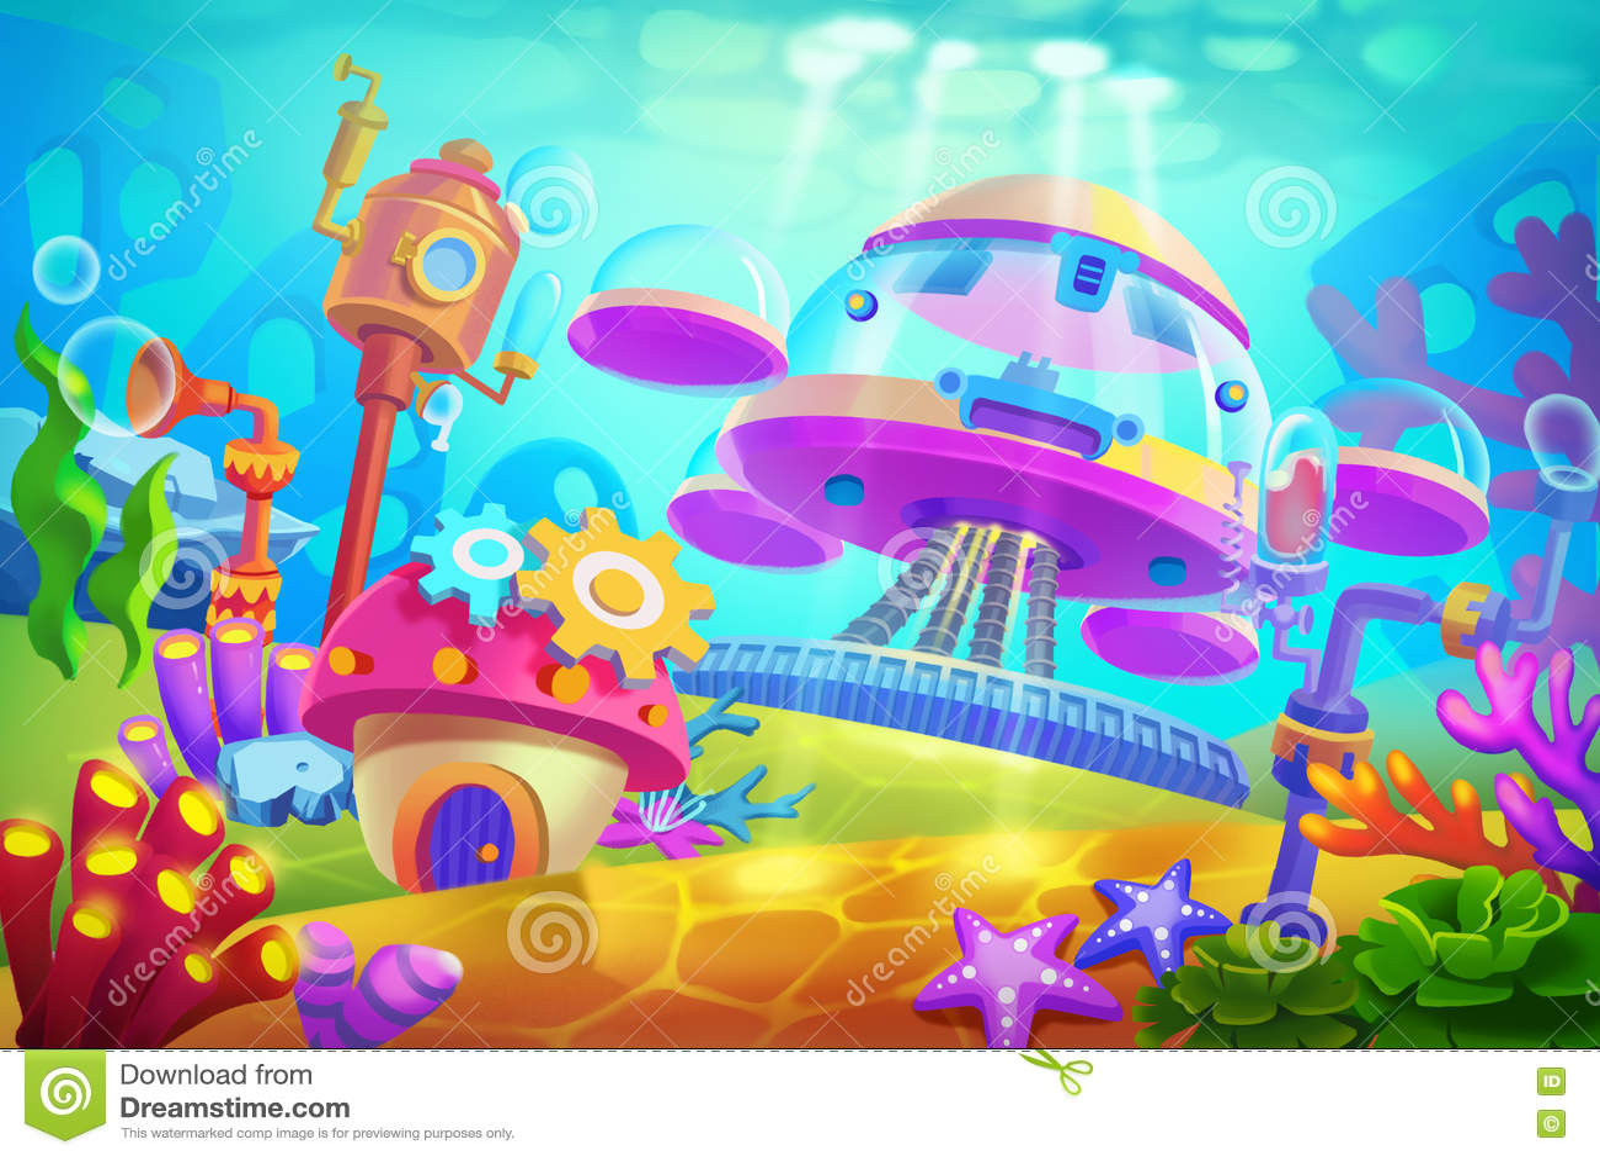 Illustration créative et art innovateur : Base submersible sous-marine